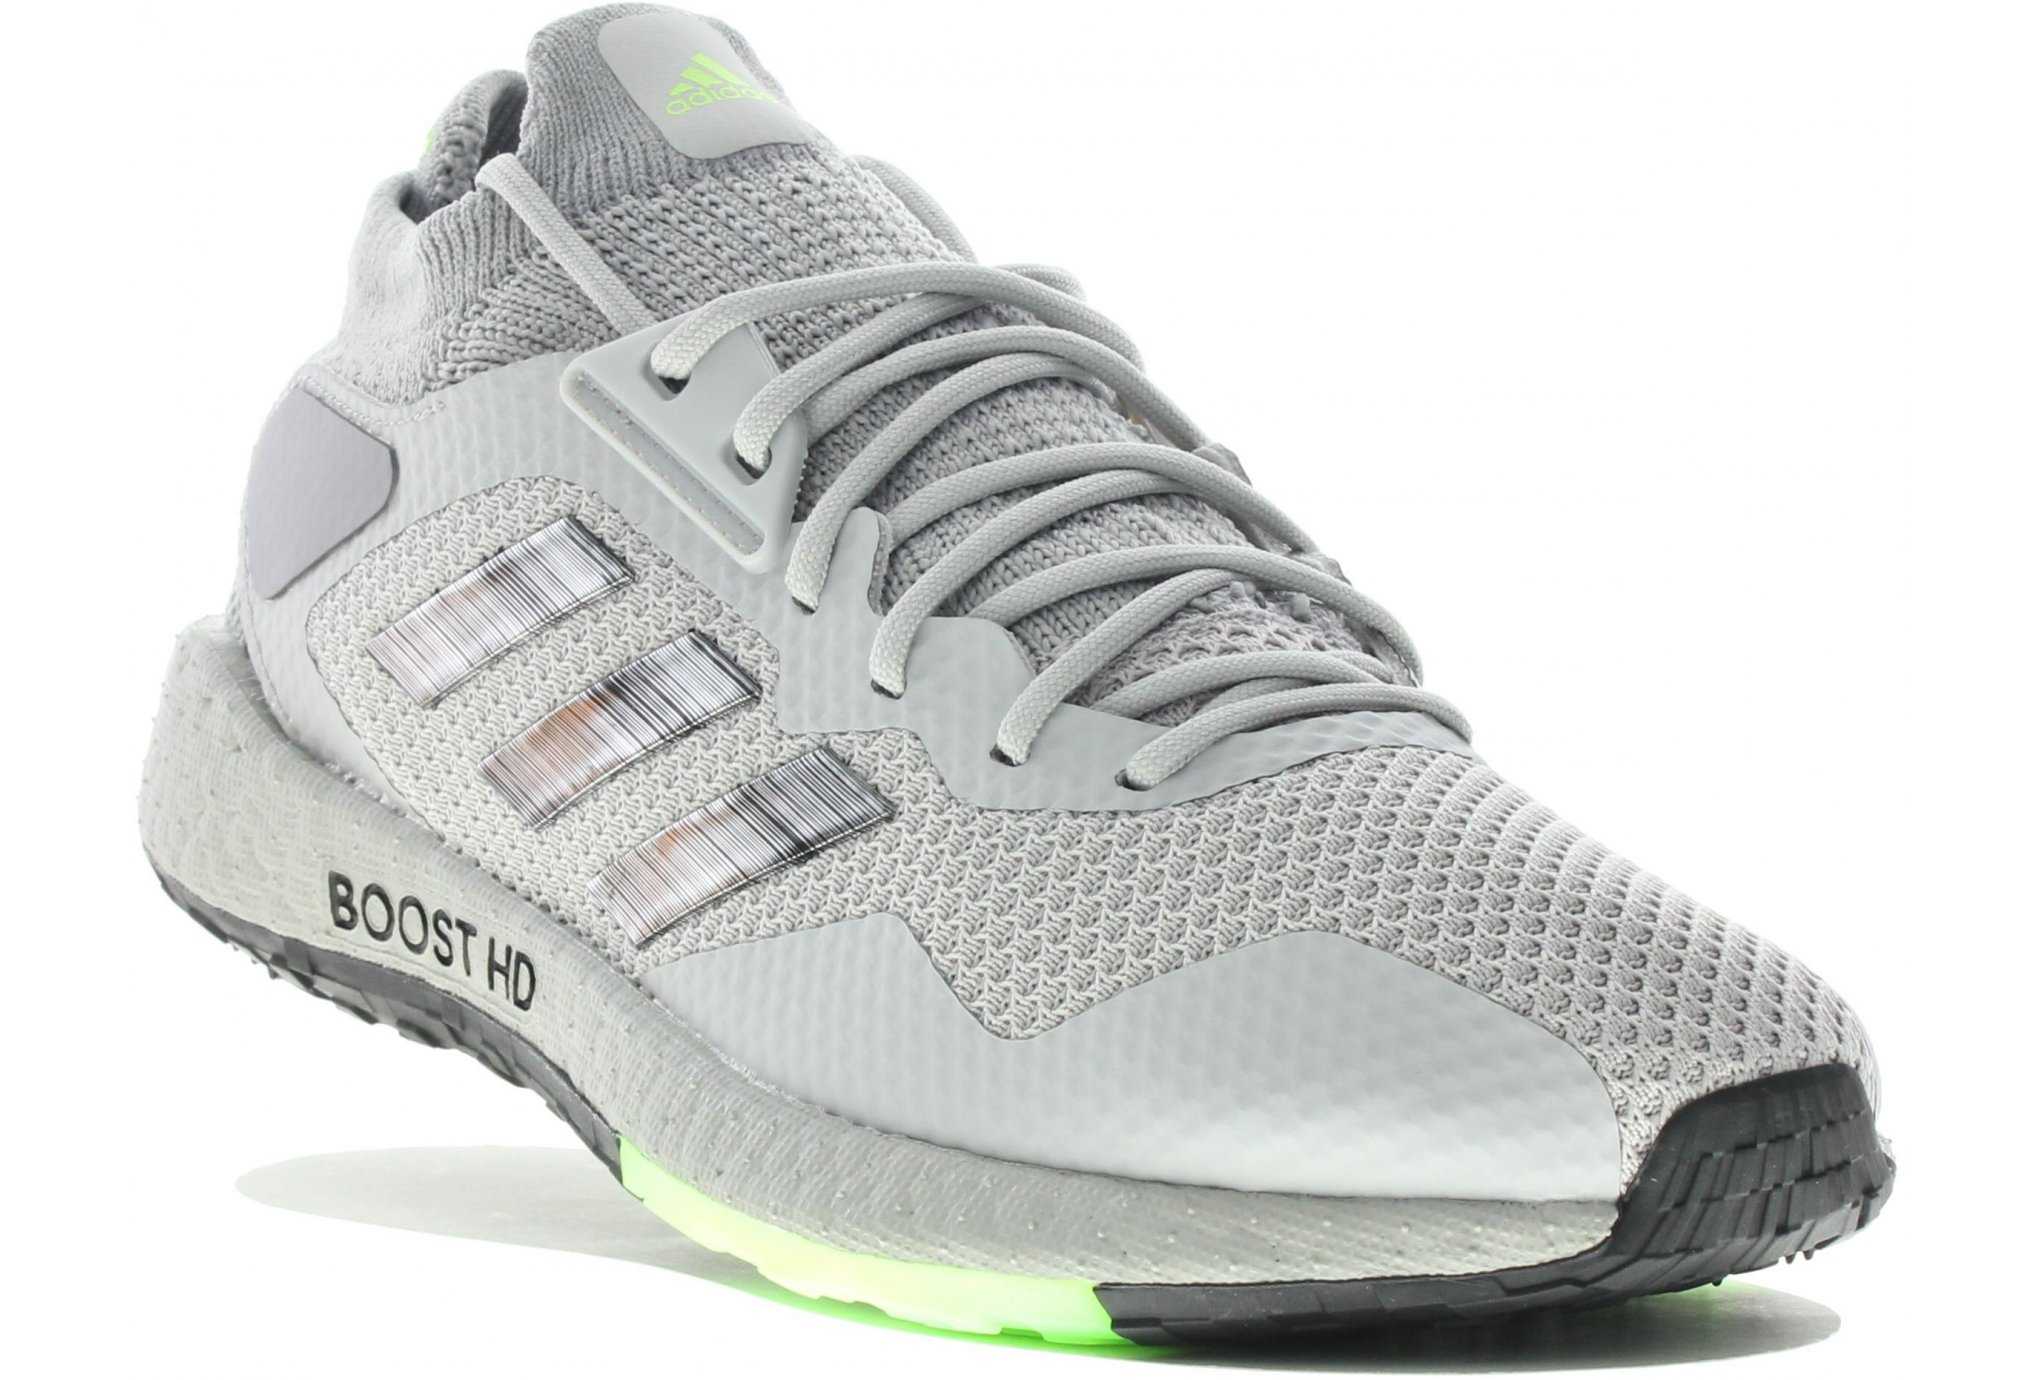 adidas PulseBOOST HD M Diététique Chaussures homme